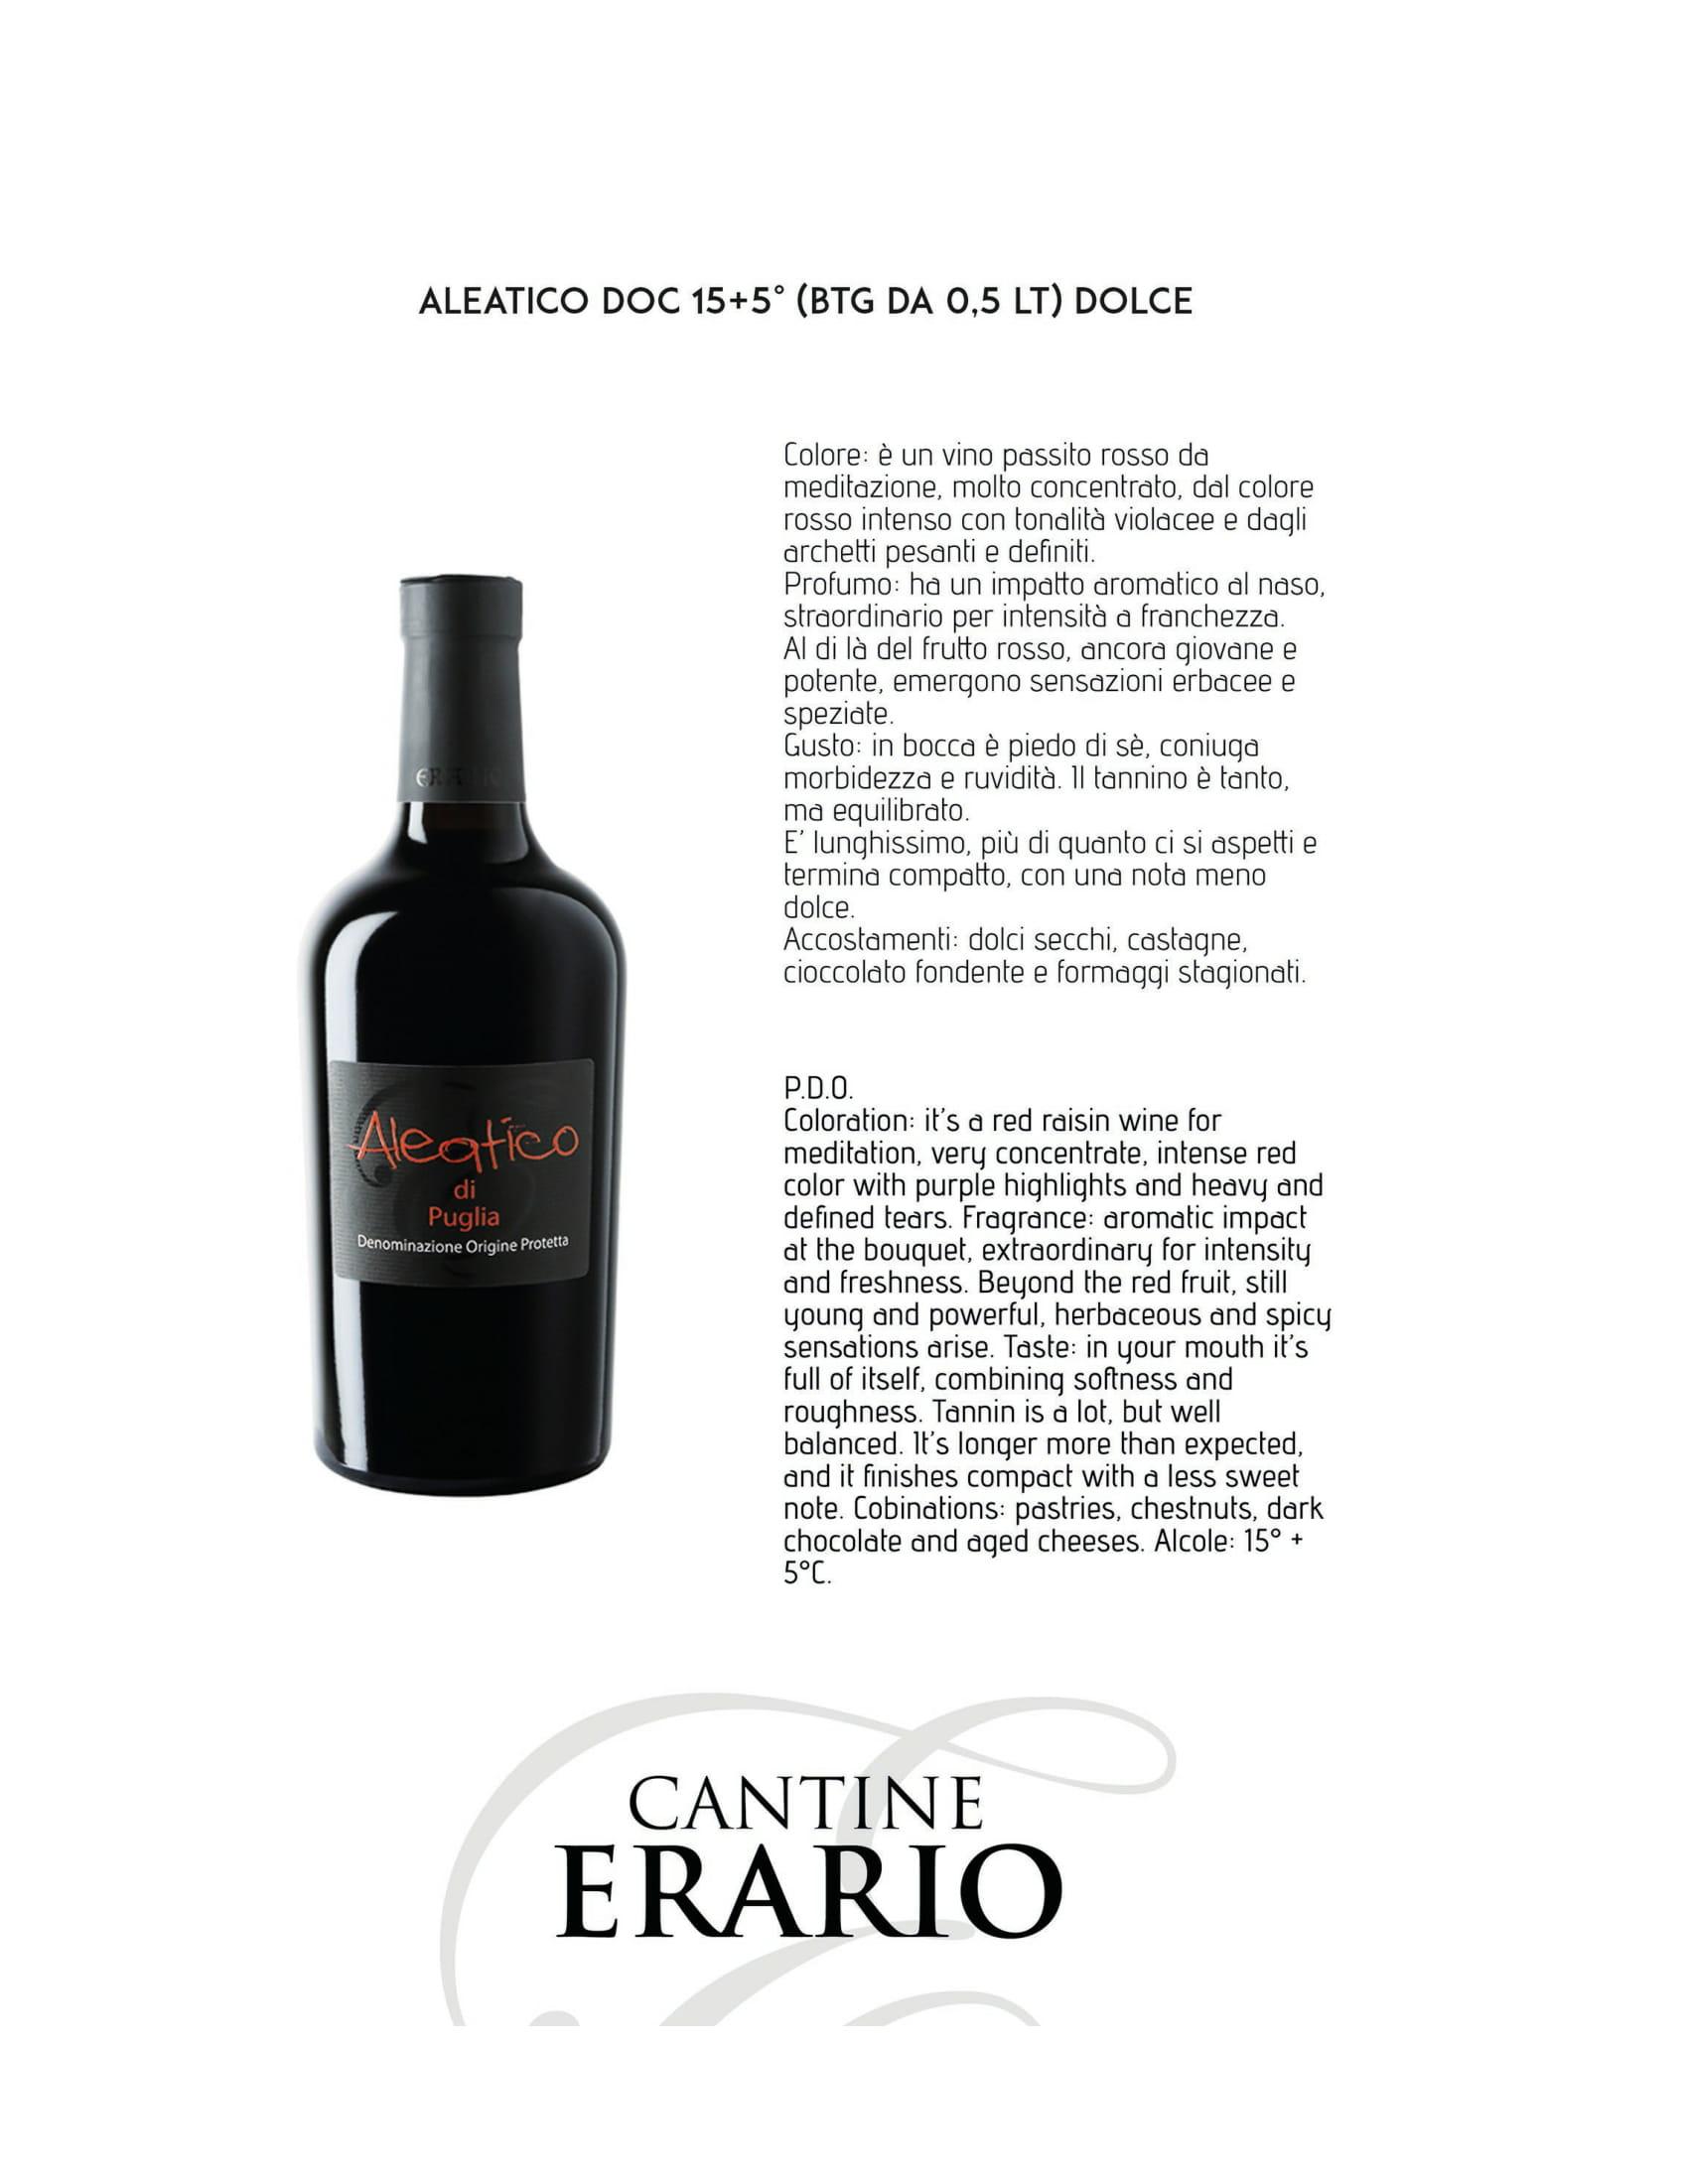 erario vino aleatico doc-1jpg